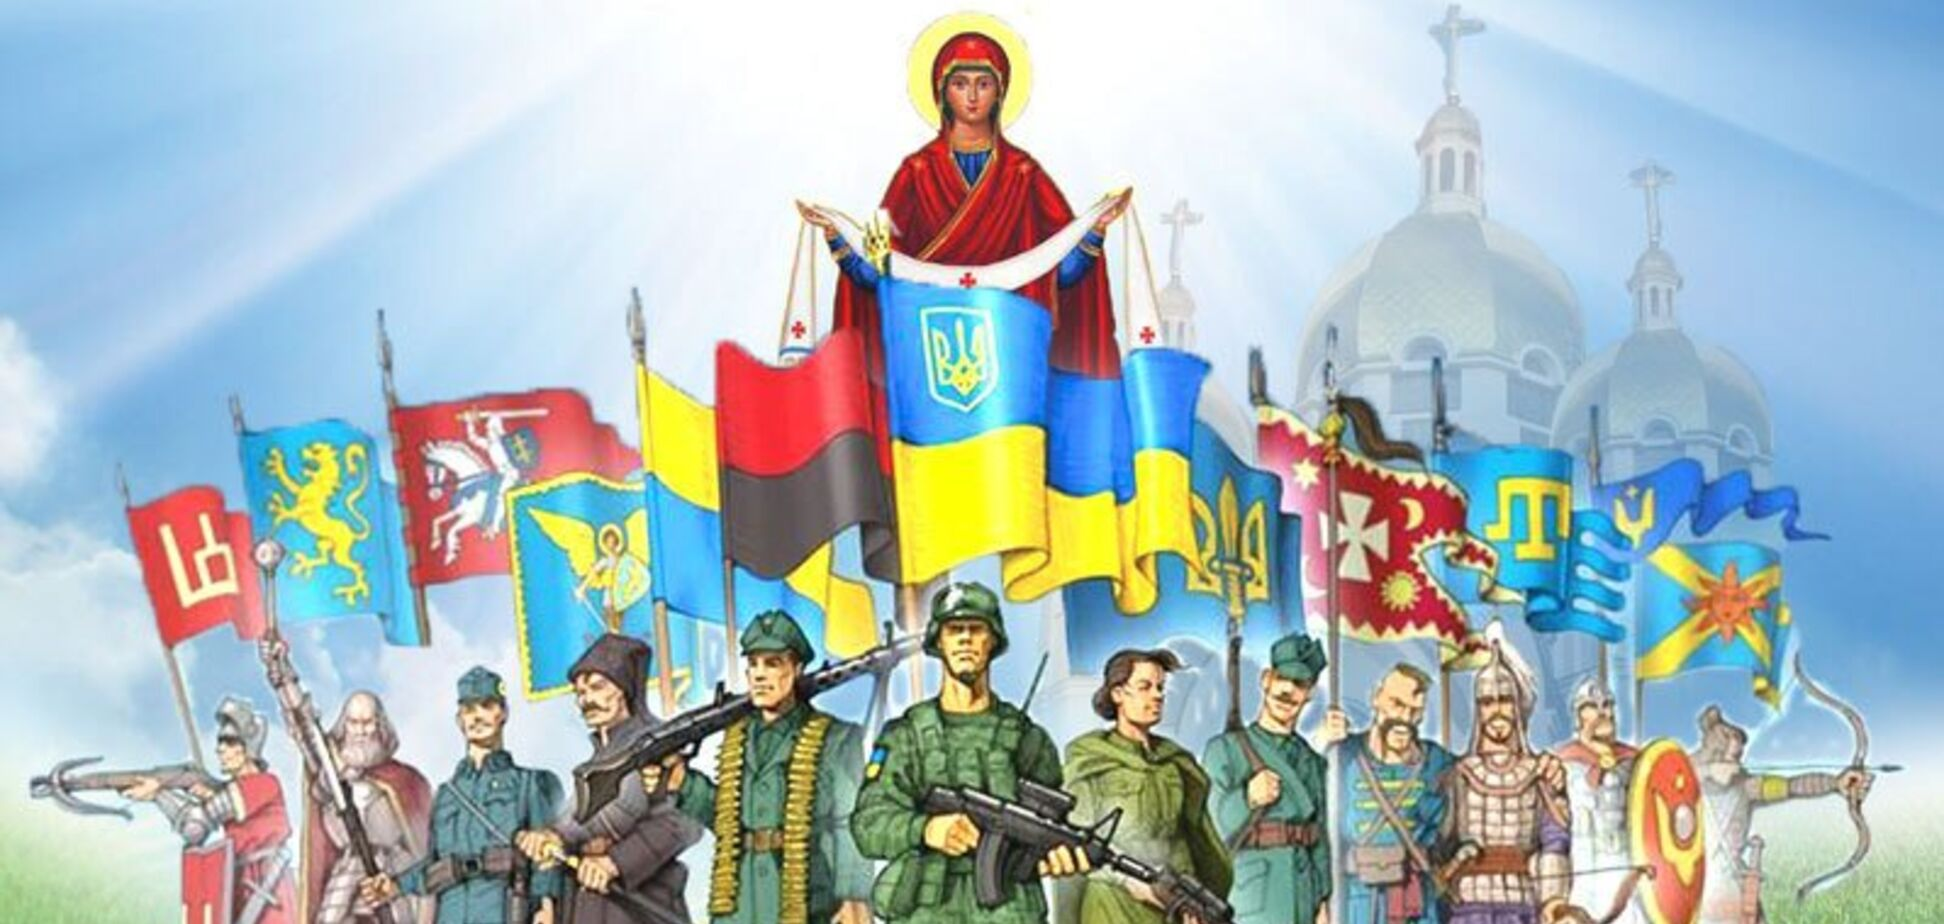 14 жовтня: свято Покрови, День захисника України та День козацтва